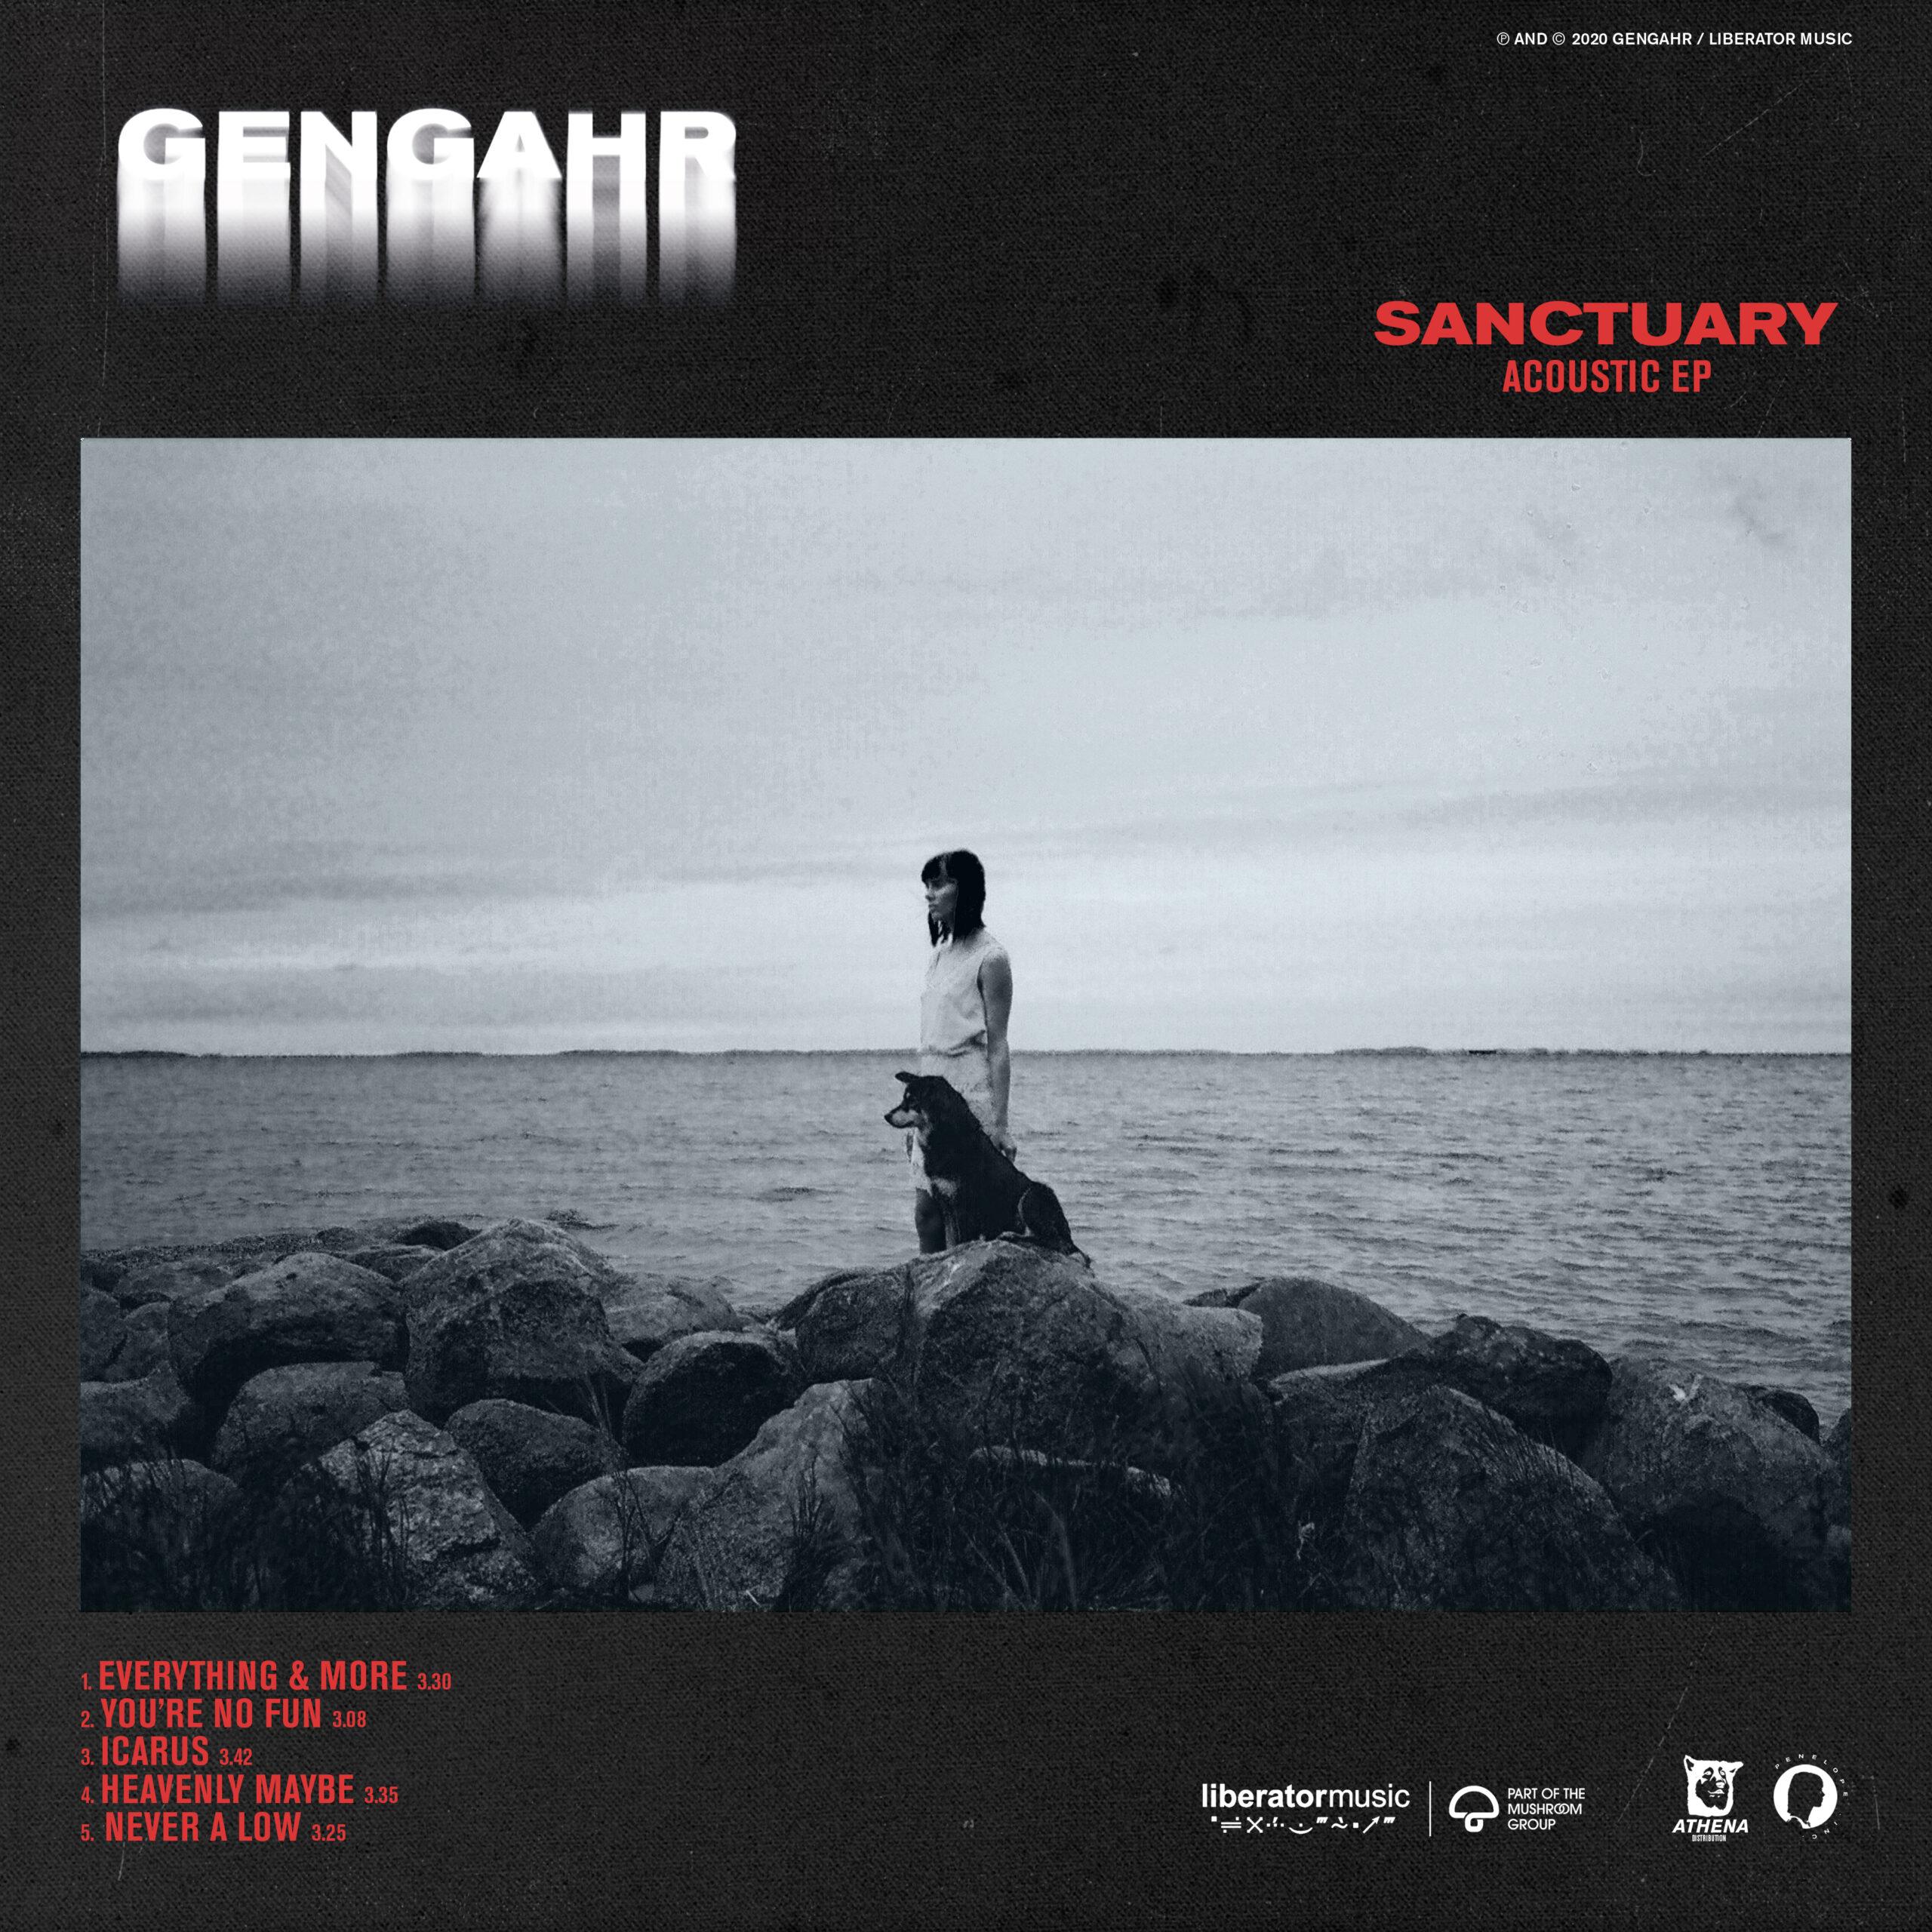 GENGAHR RELEASE SANCTUARY (ACOUSTIC) EP, OUT NOW